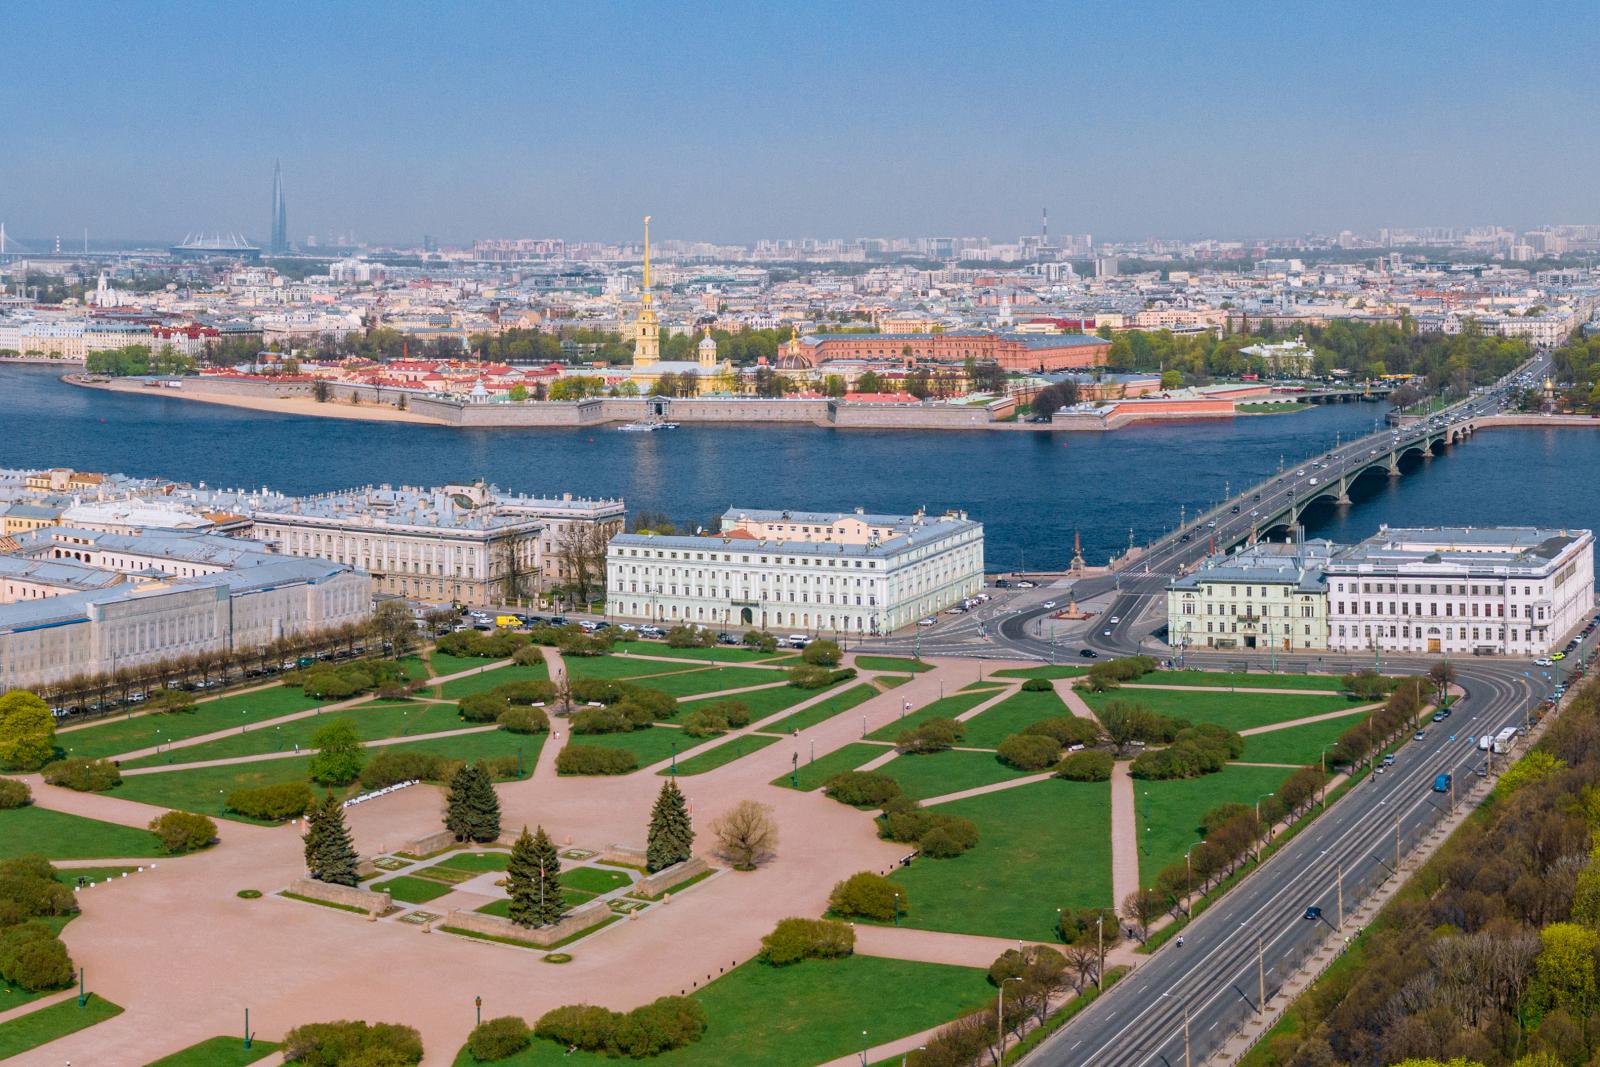 Ко Дню города – о великих механиках Санкт-Петербурга!